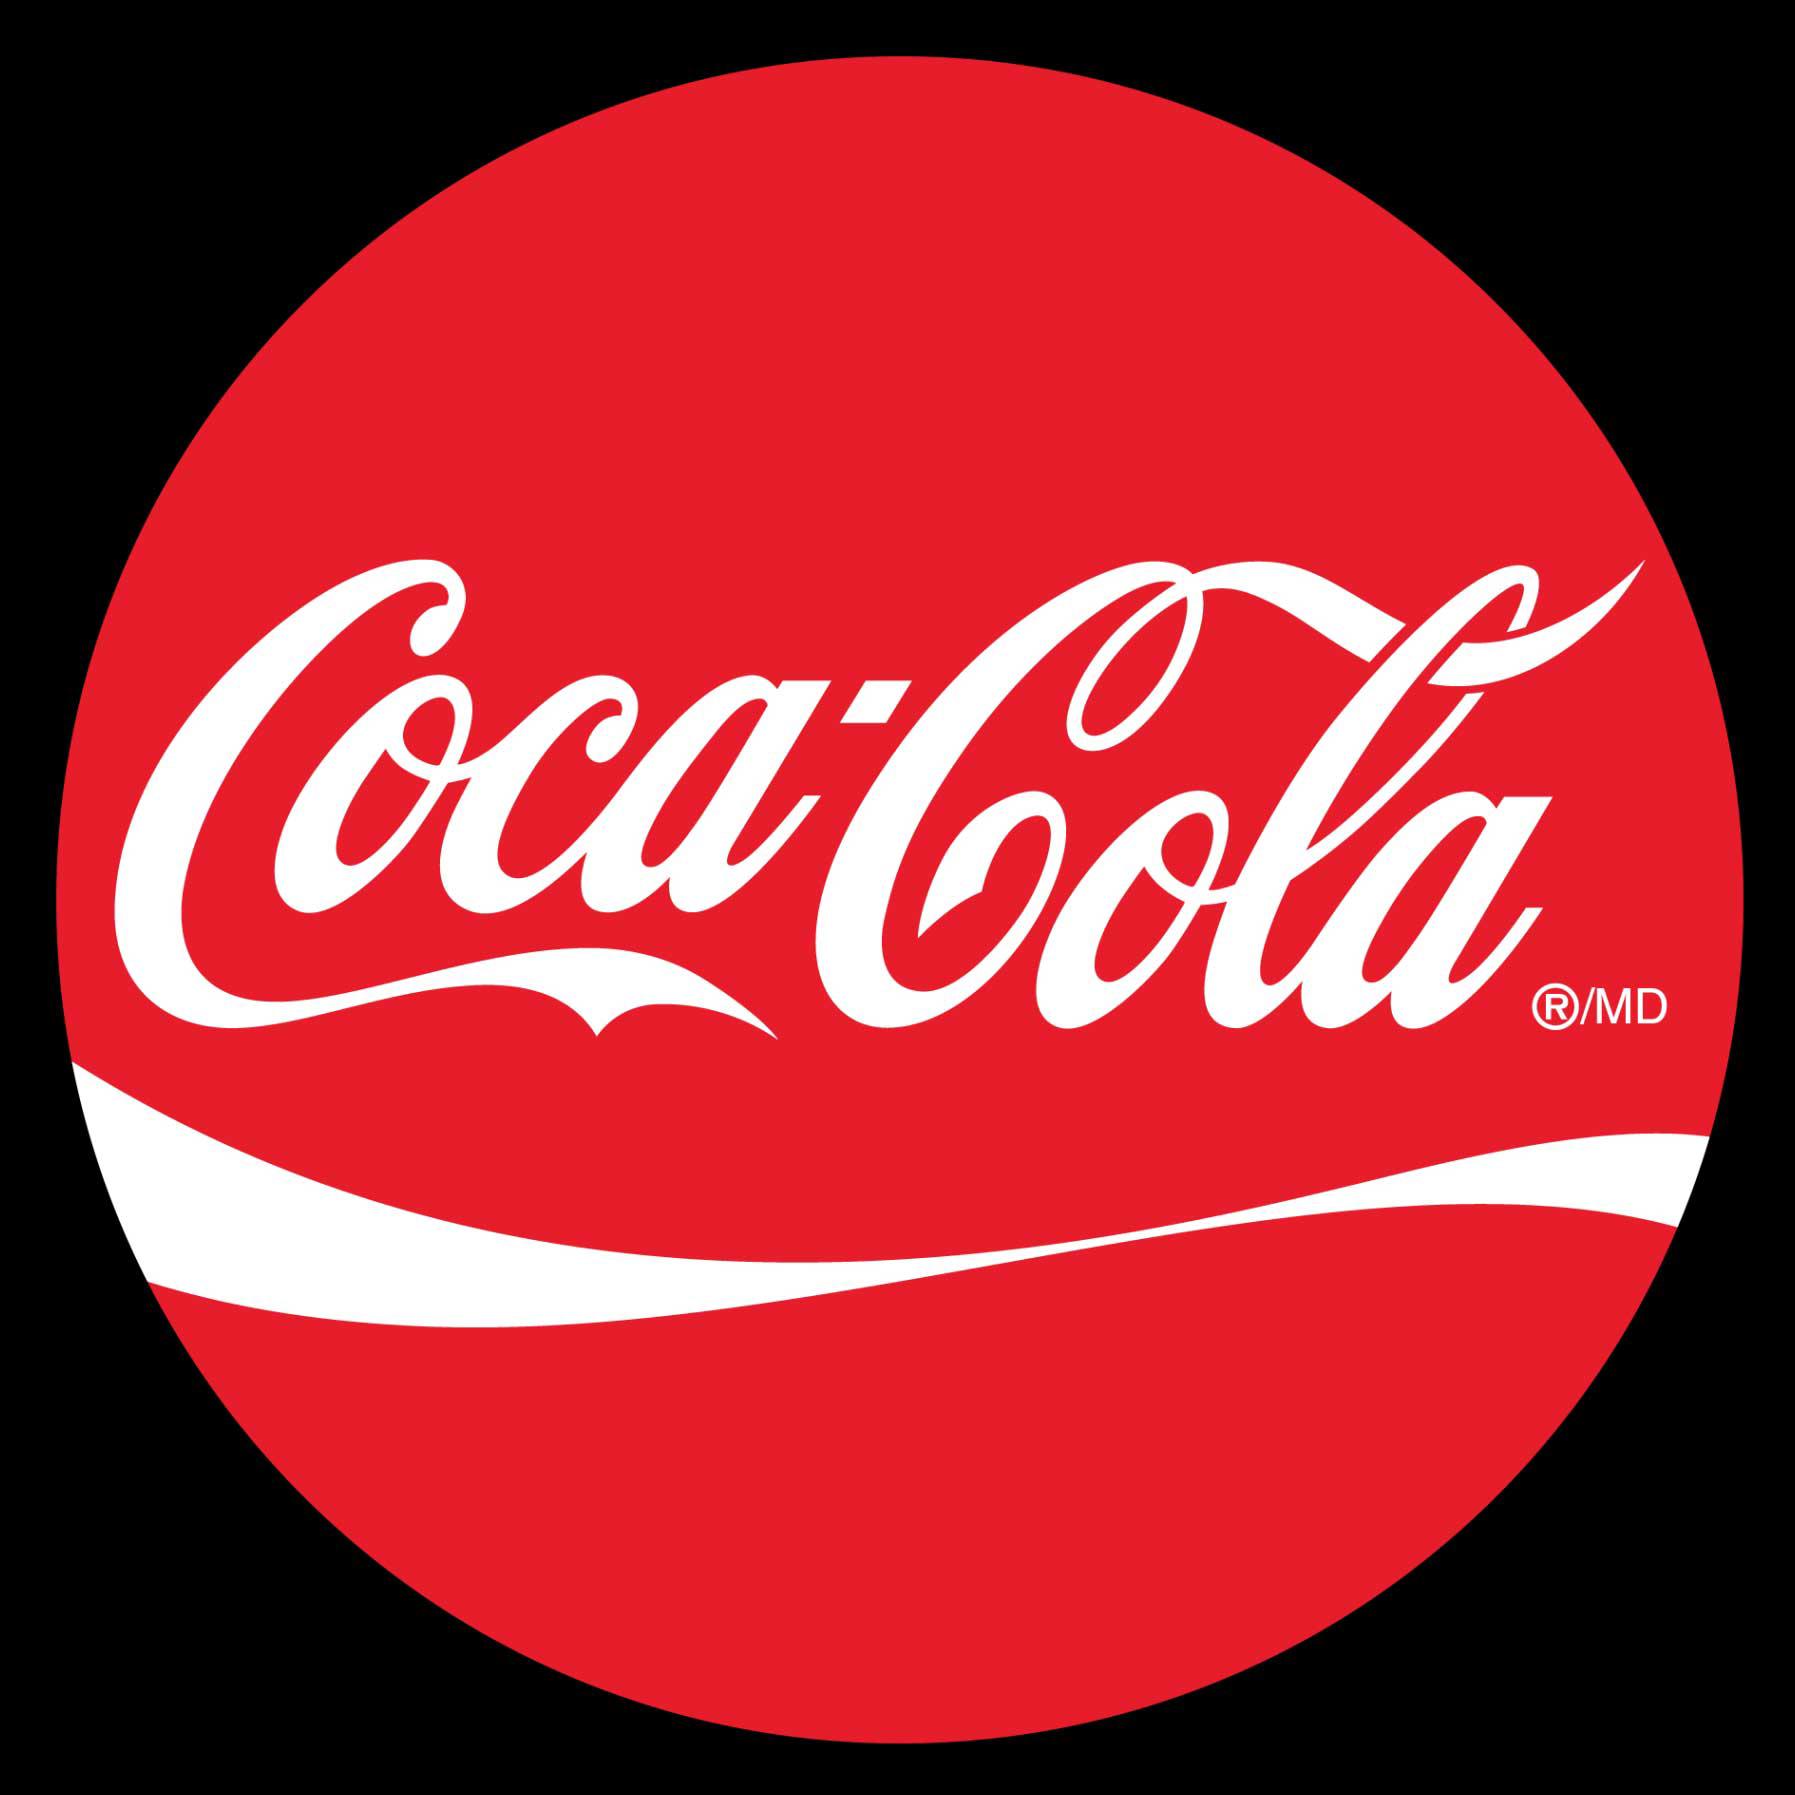 Coca-Cola-Logo-2 (0-00-00-00).png